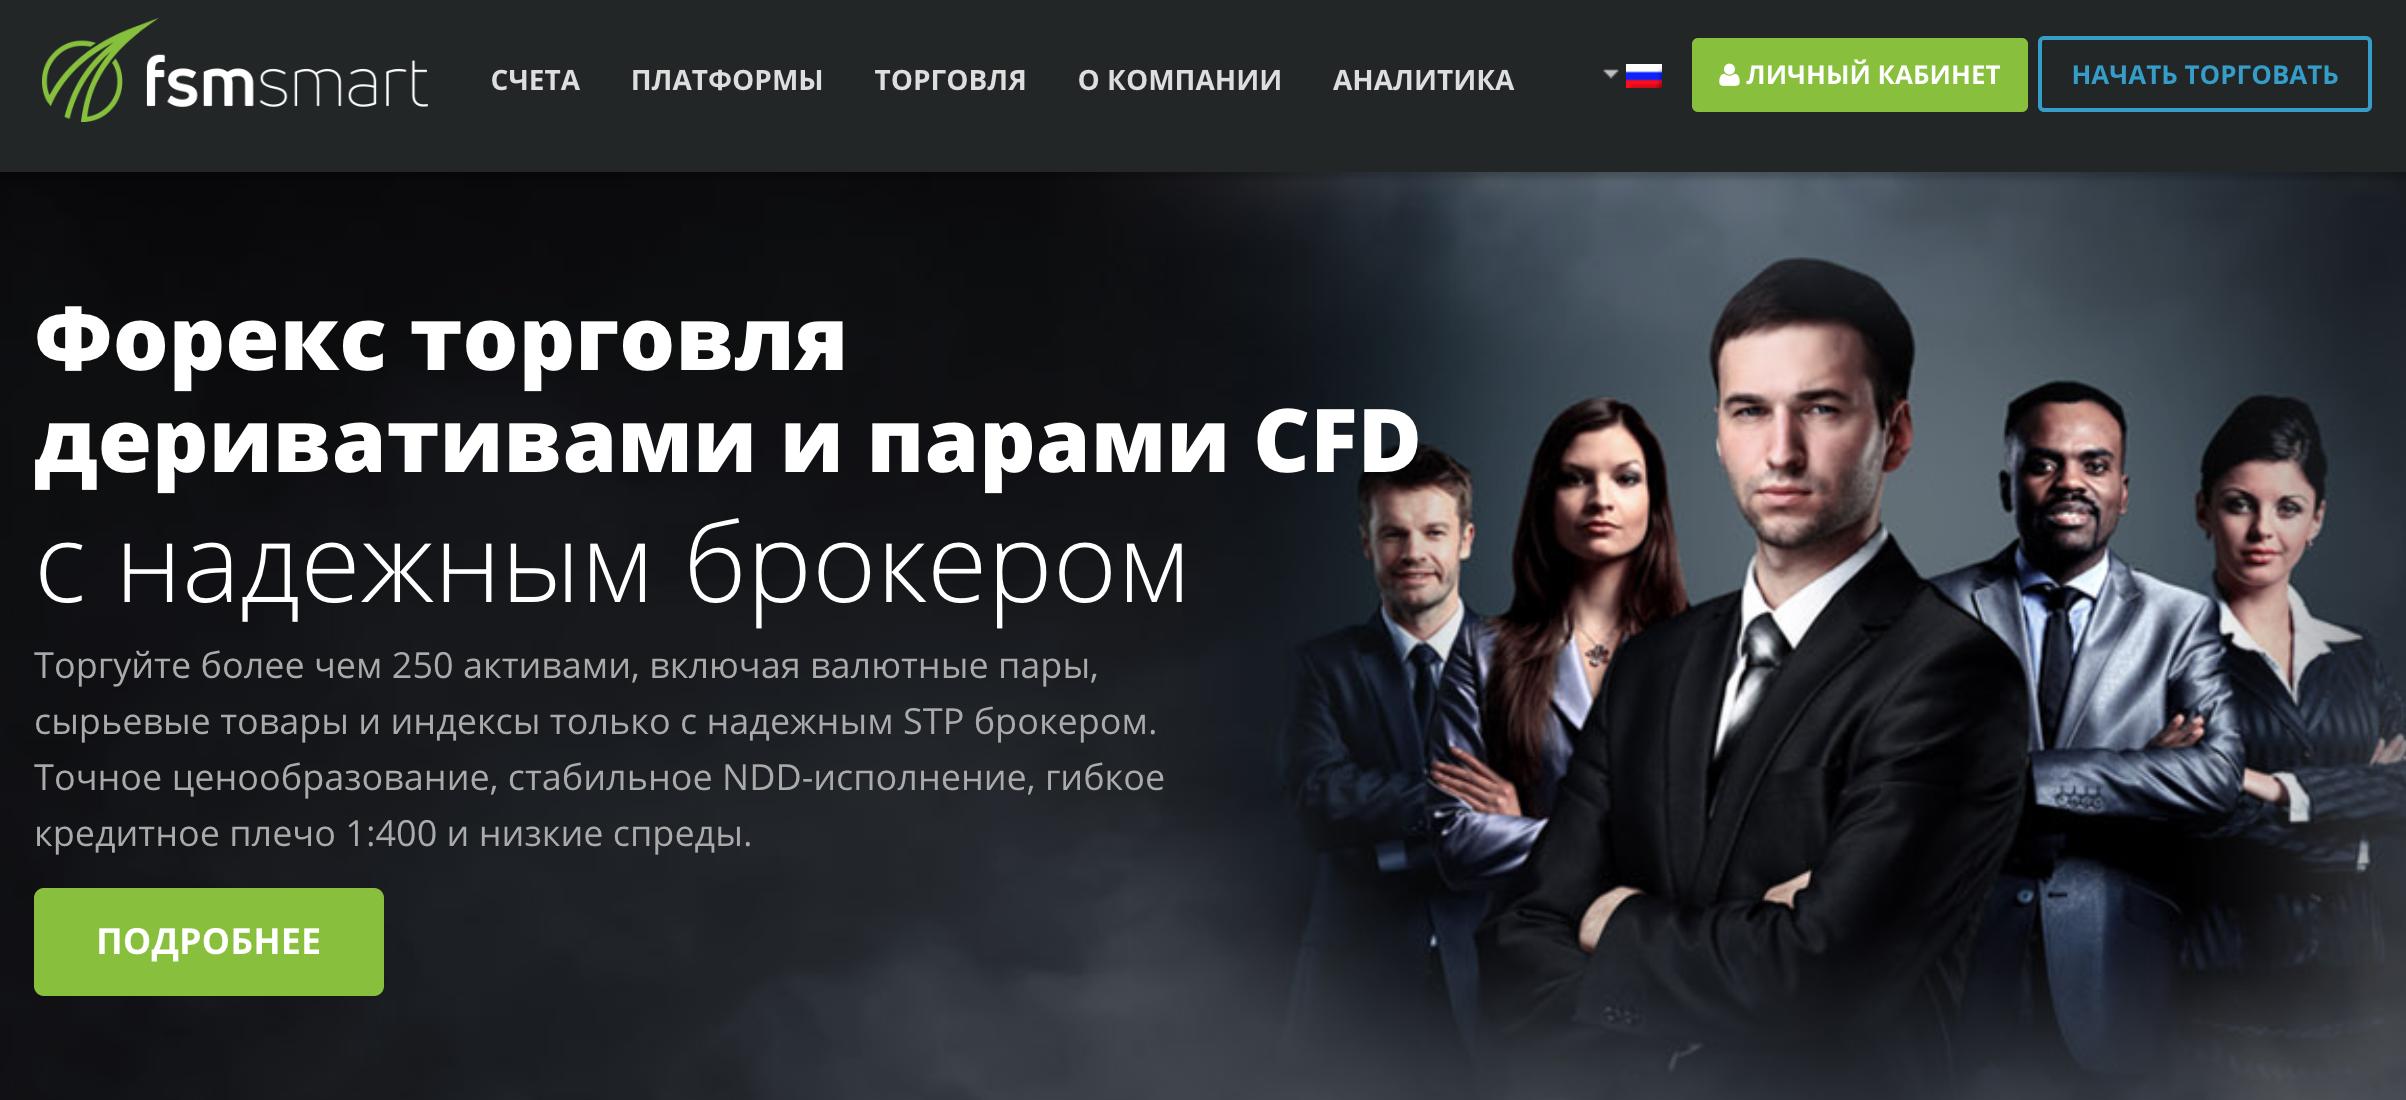 FSM Smart - Форекс брокер. Торговля  деривативами и парами CFD